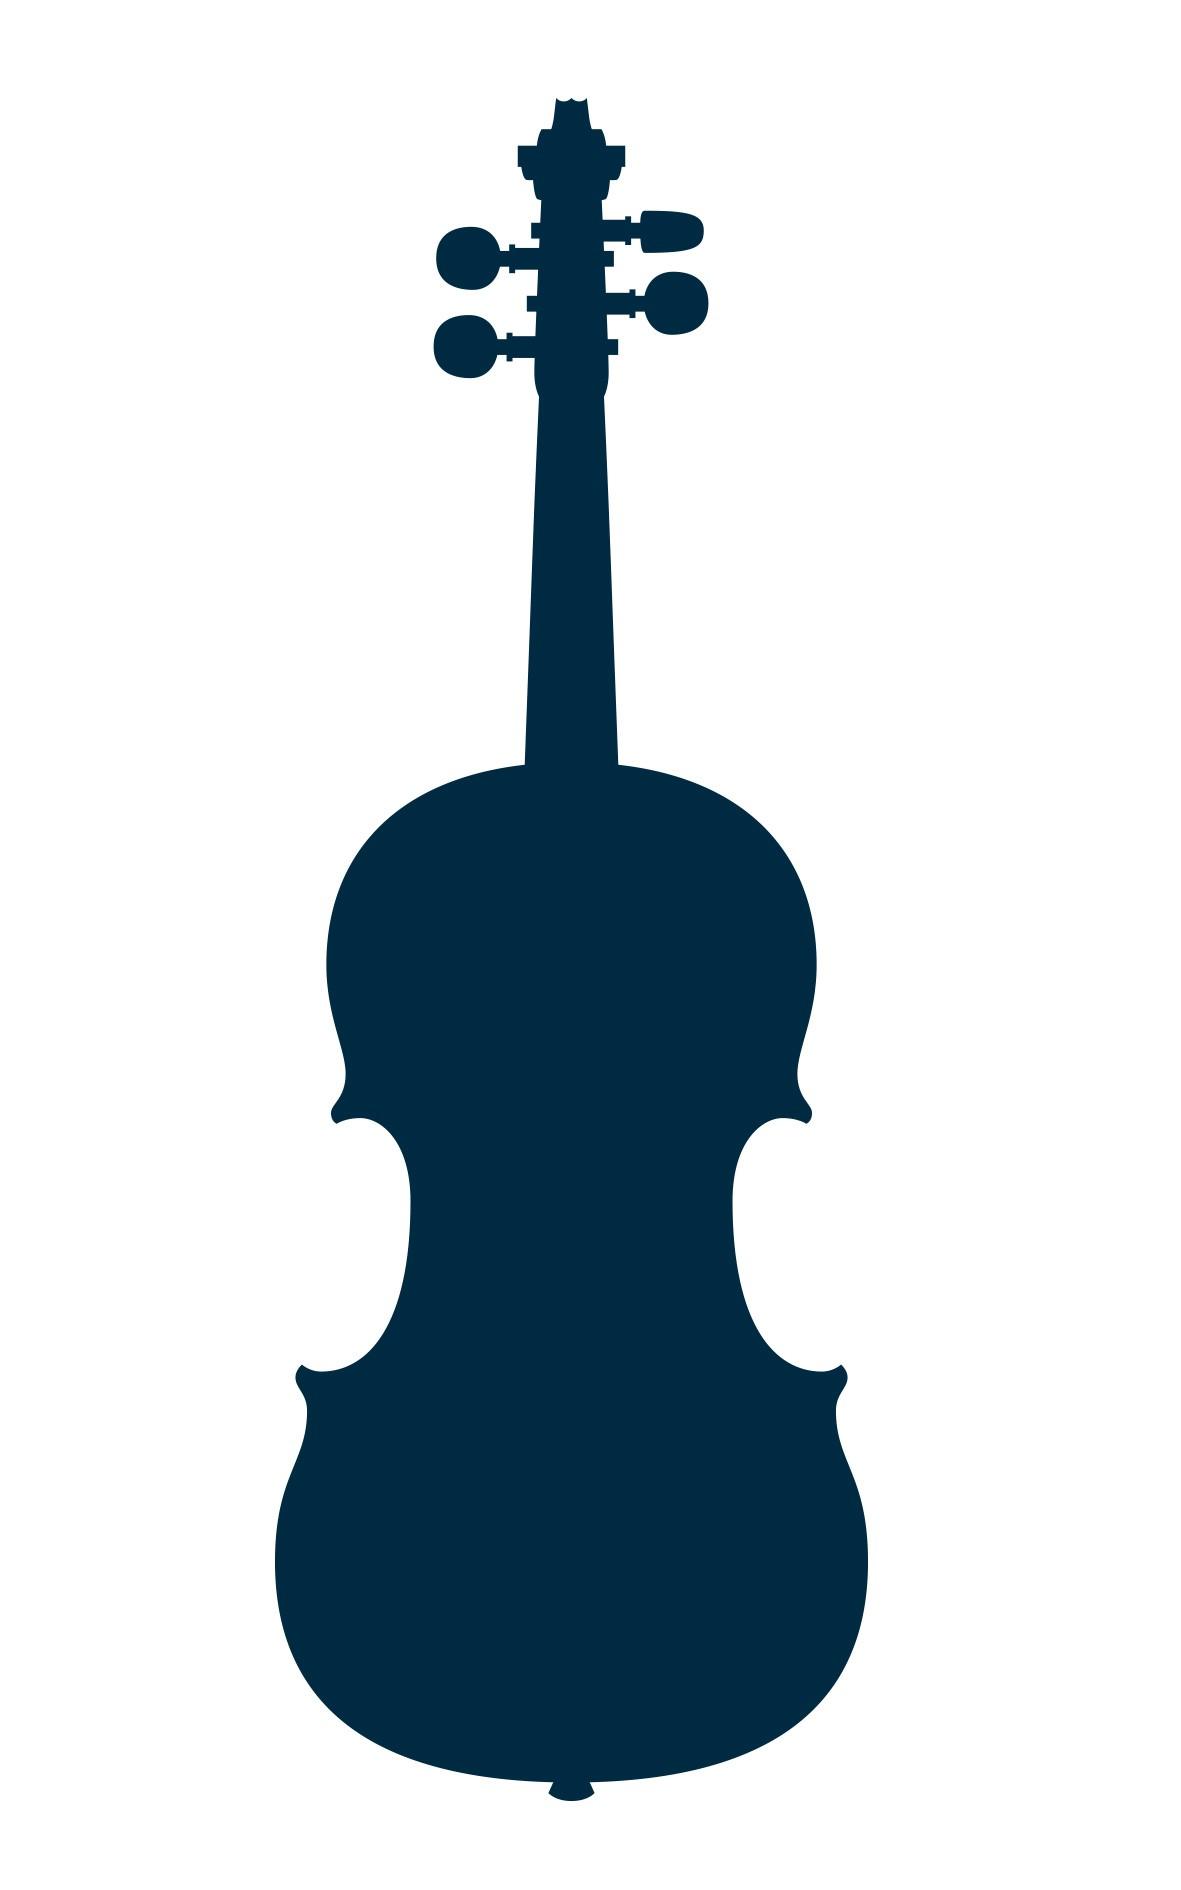 Hamburg violin by Max Schäffner - top